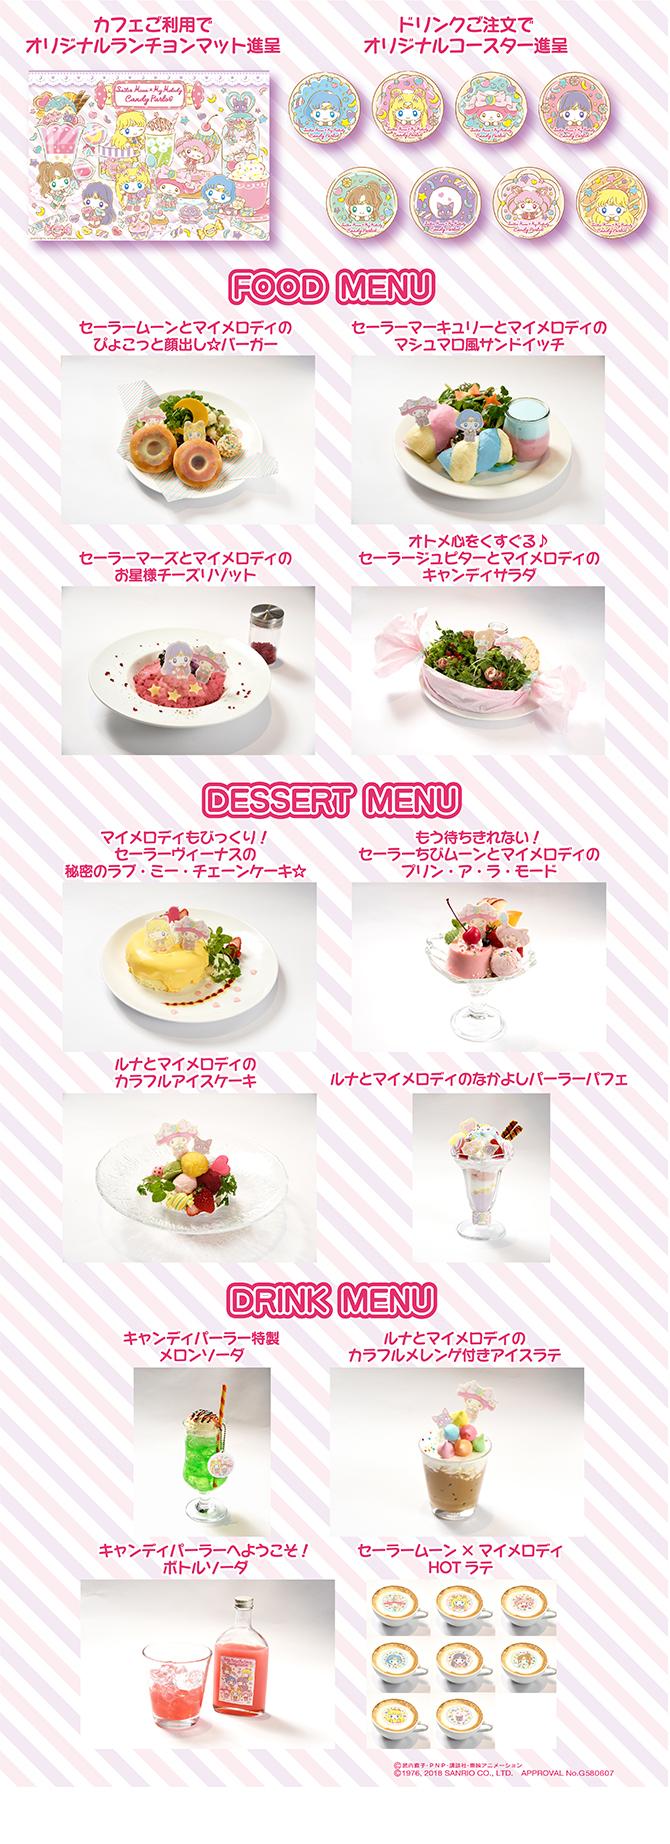 180216_menu.jpg